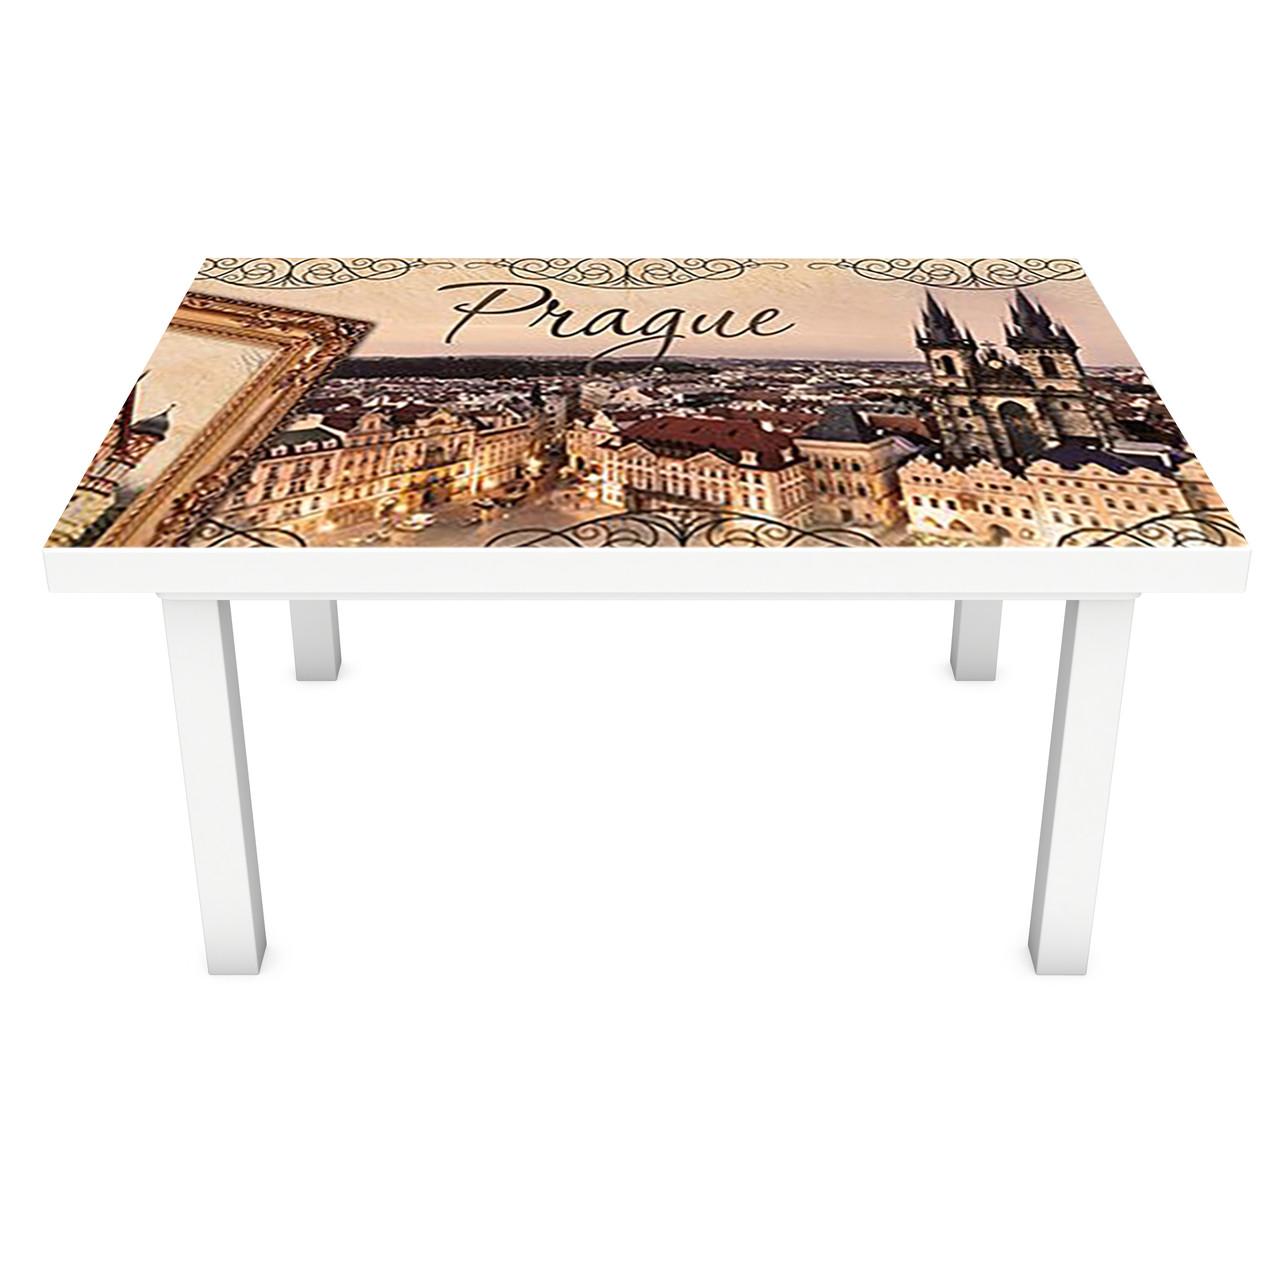 Виниловая наклейка на стол Прага (интерьерная ПВХ пленка для мебели) Винтаж Старинный город Коричневый 600*1200 мм